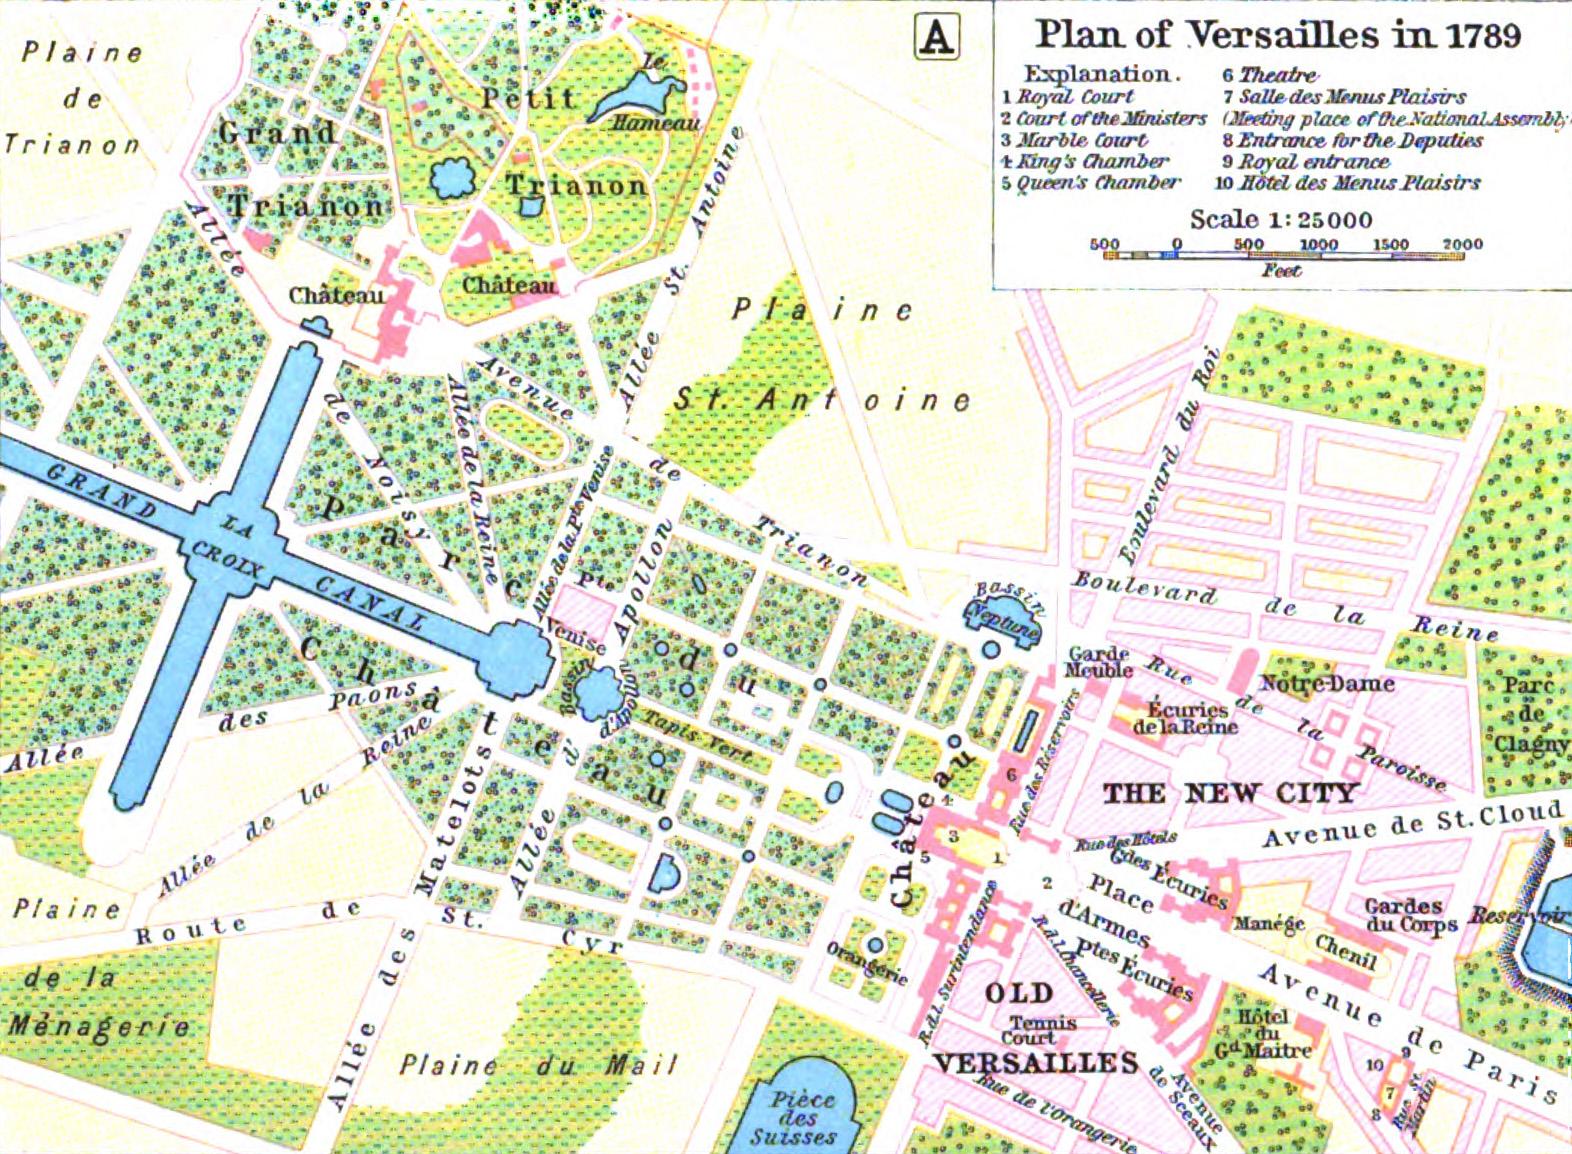 Chateau de Versailles (Plan)